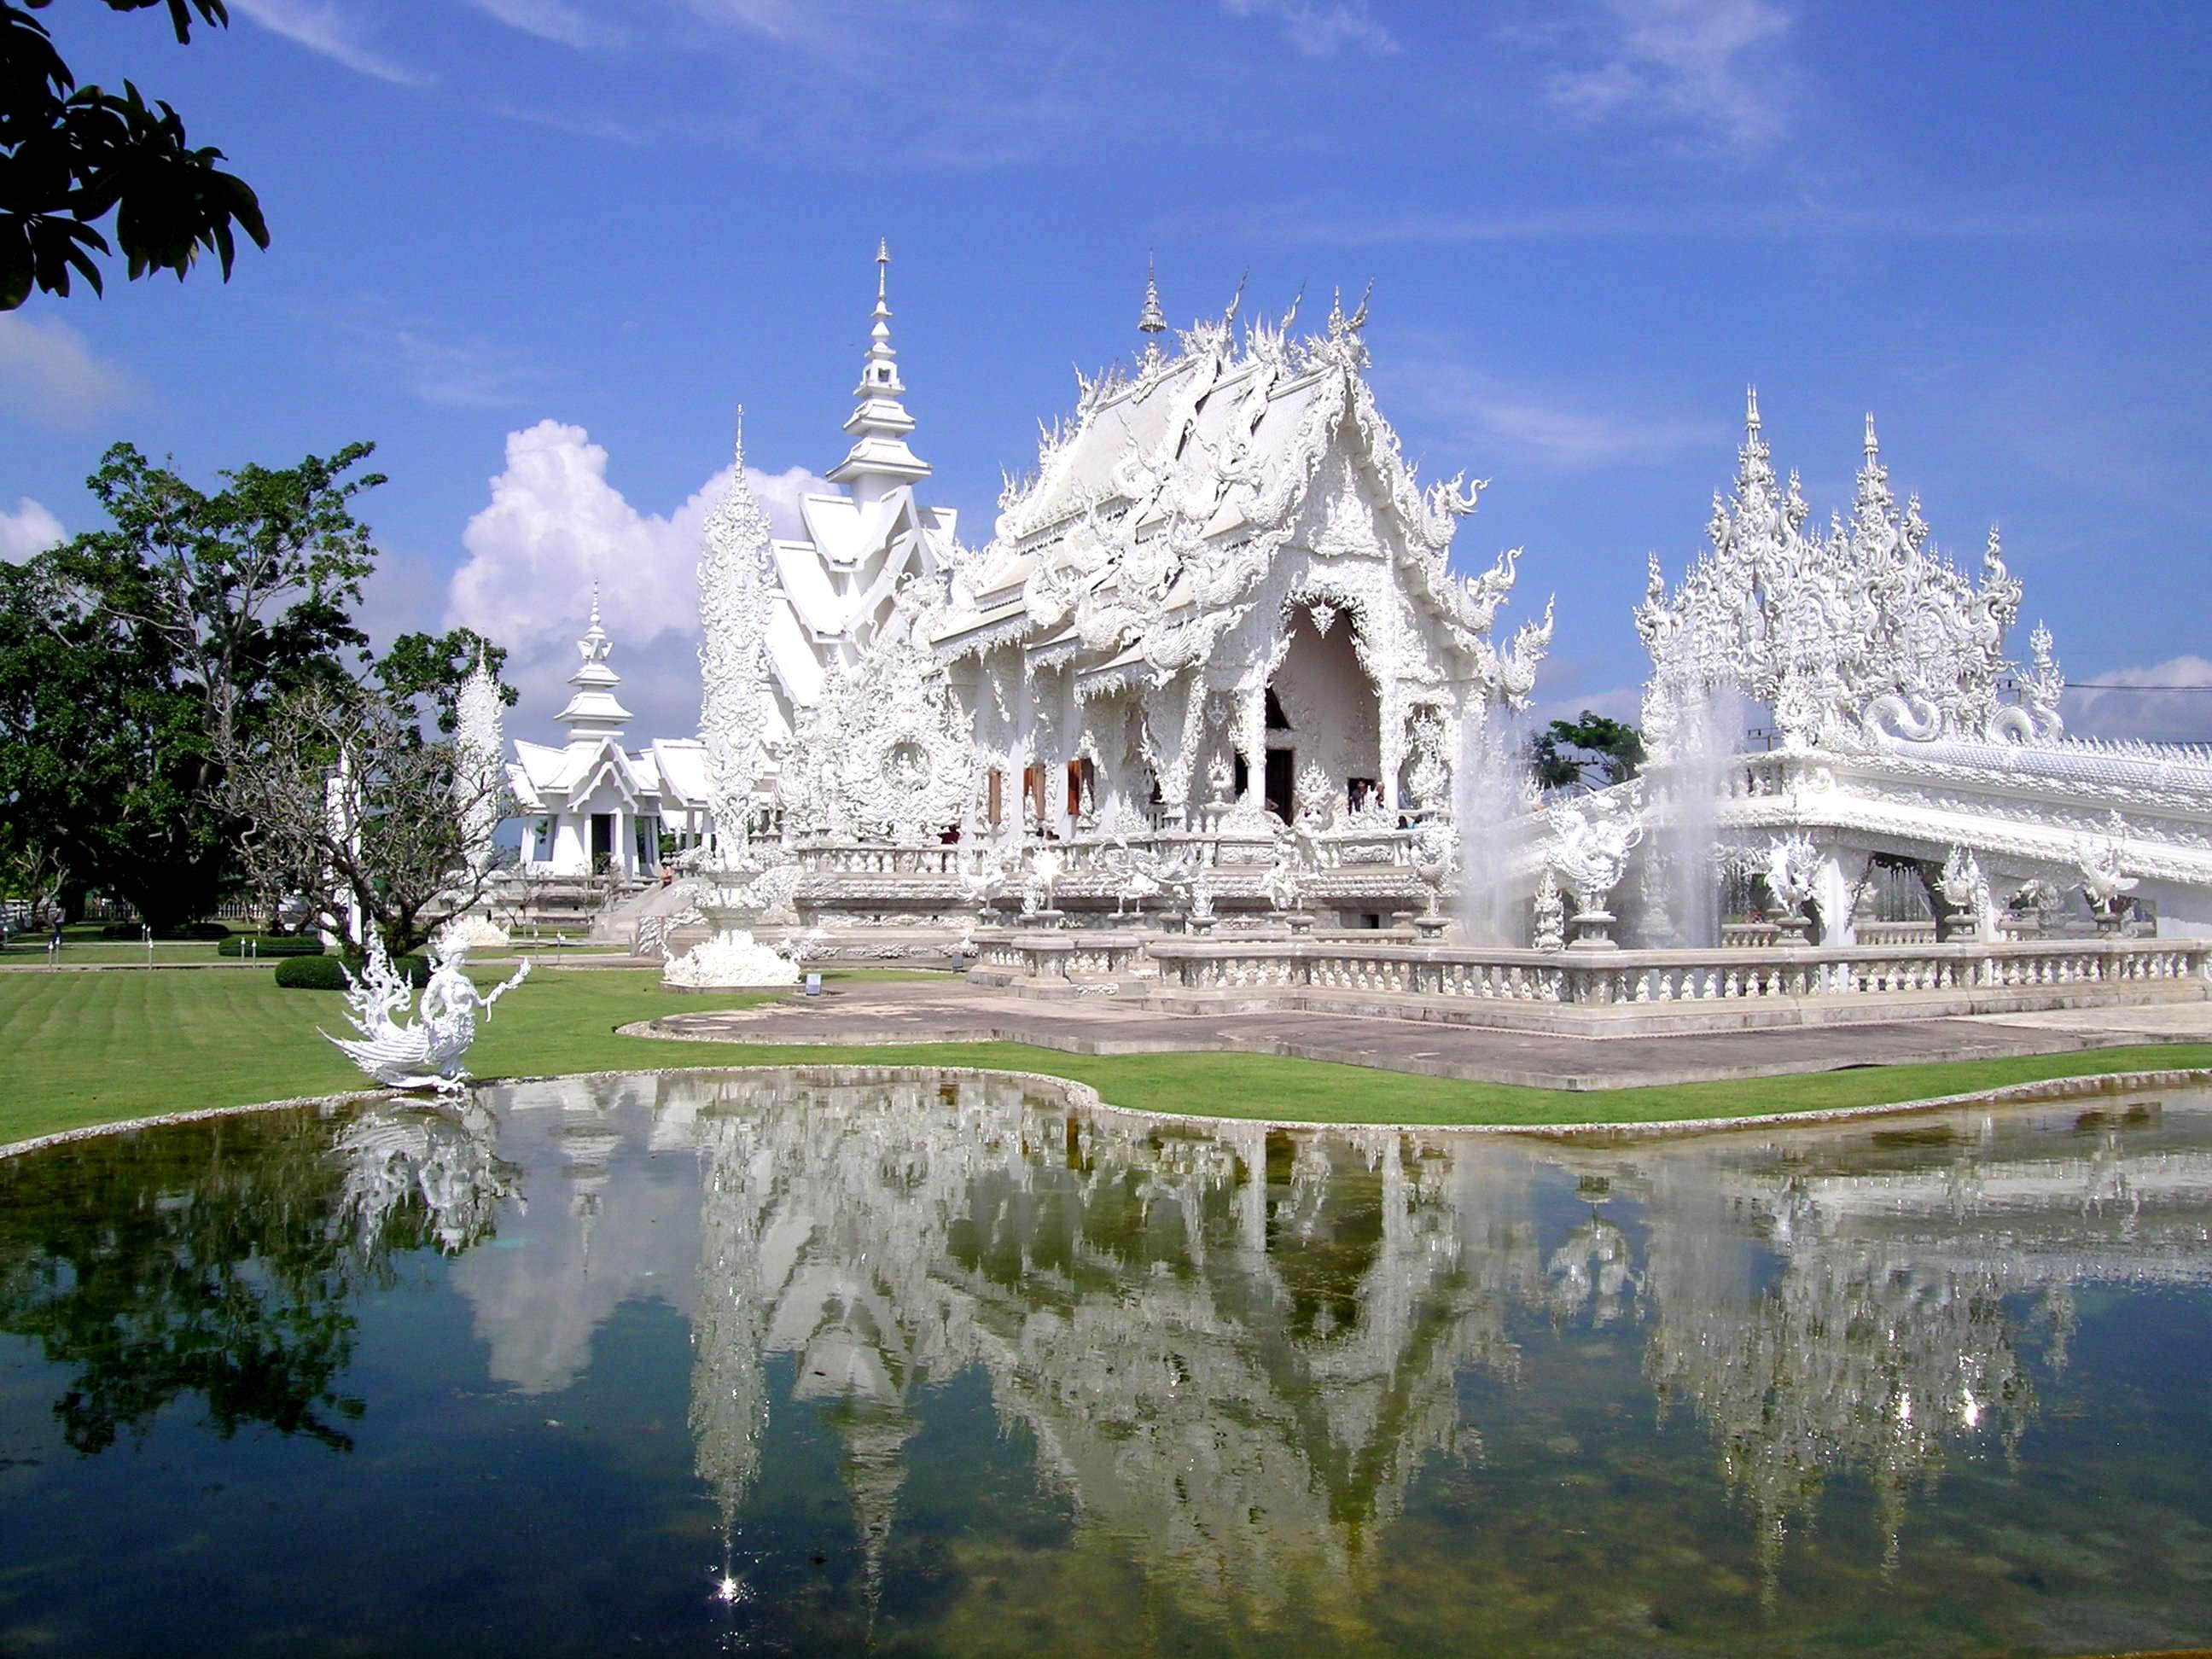 اروع الاماكن السياحيه في تايلاند (11)